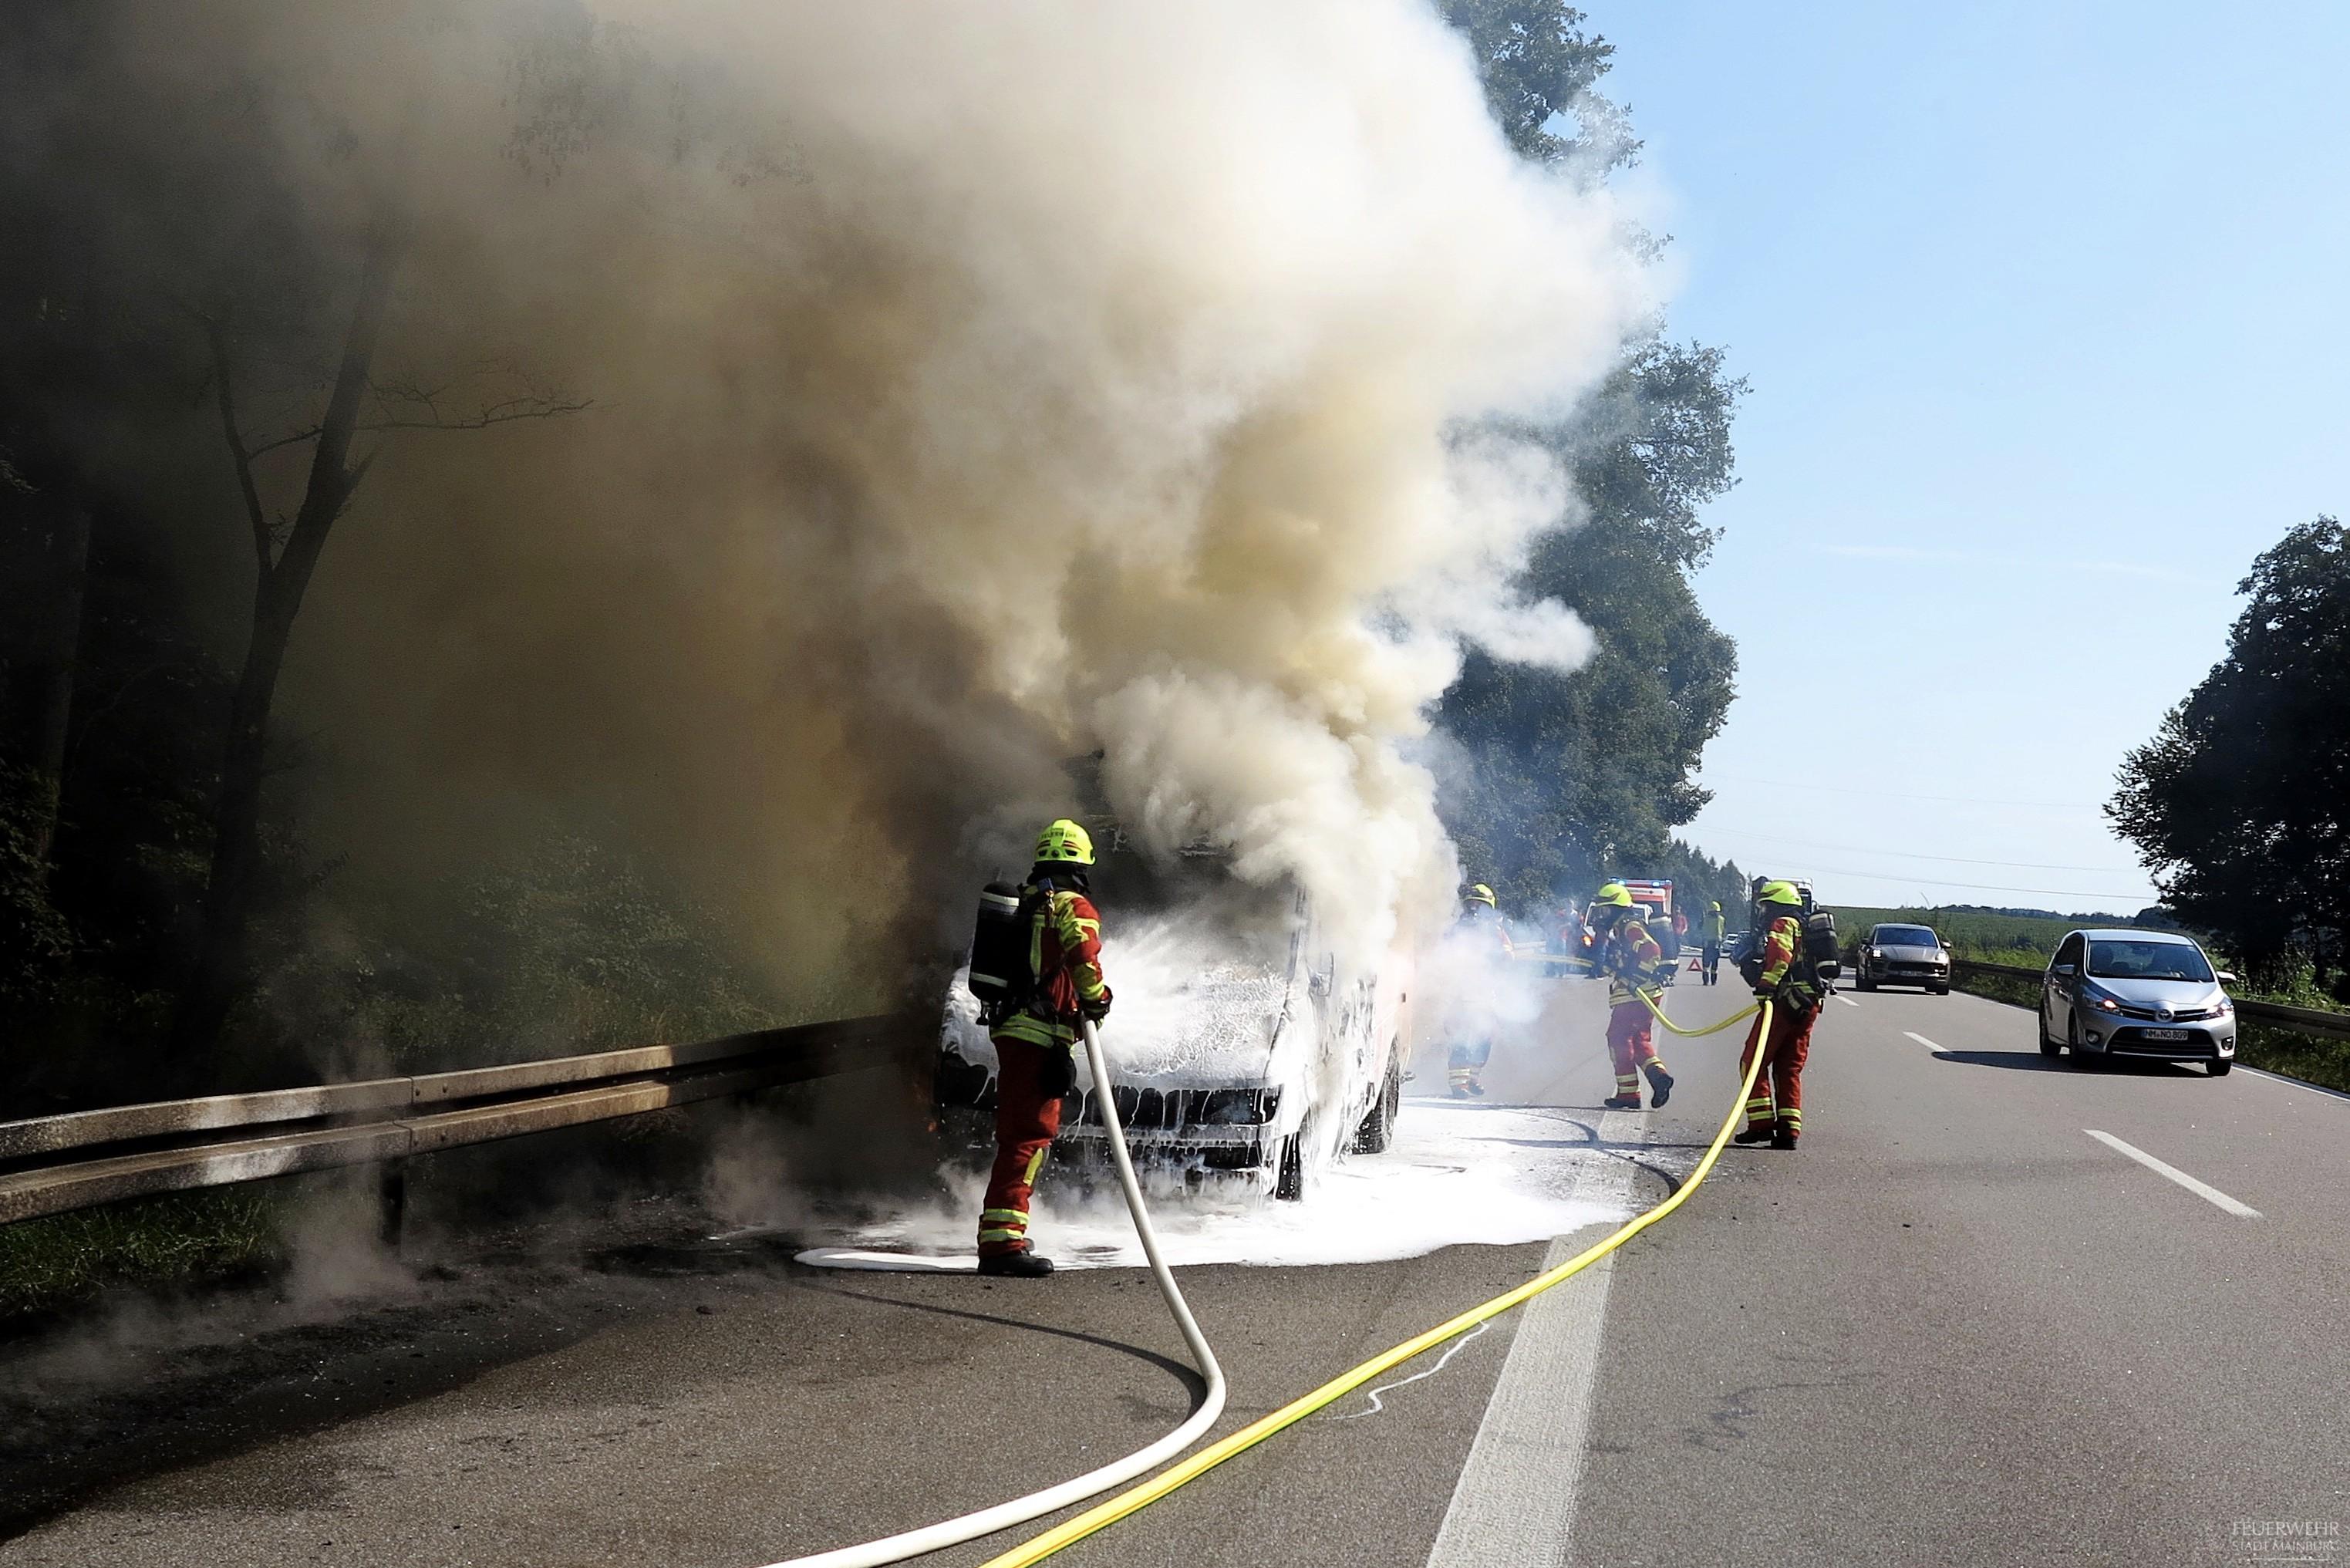 Löscharbeiten eines PKW Brands auf der A93.